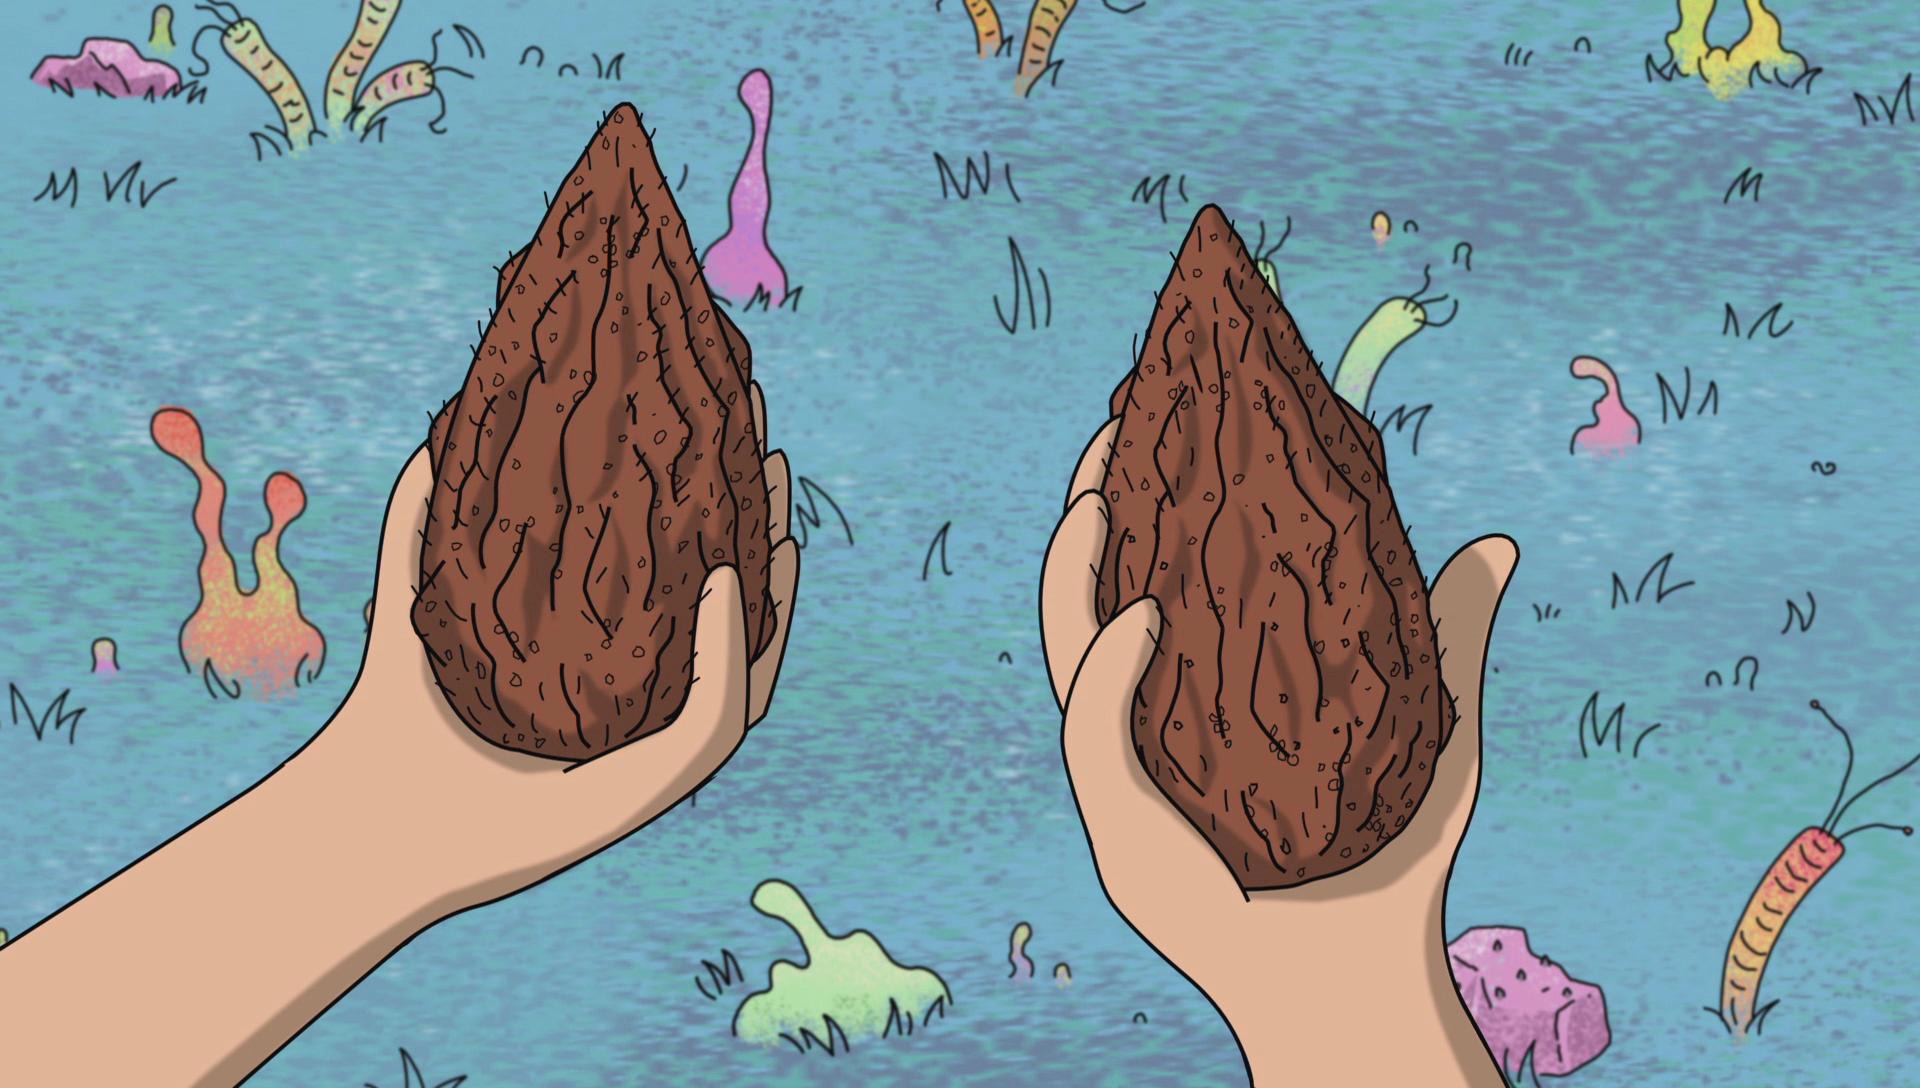 mega seeds rick and morty wiki fandom powered by wikia